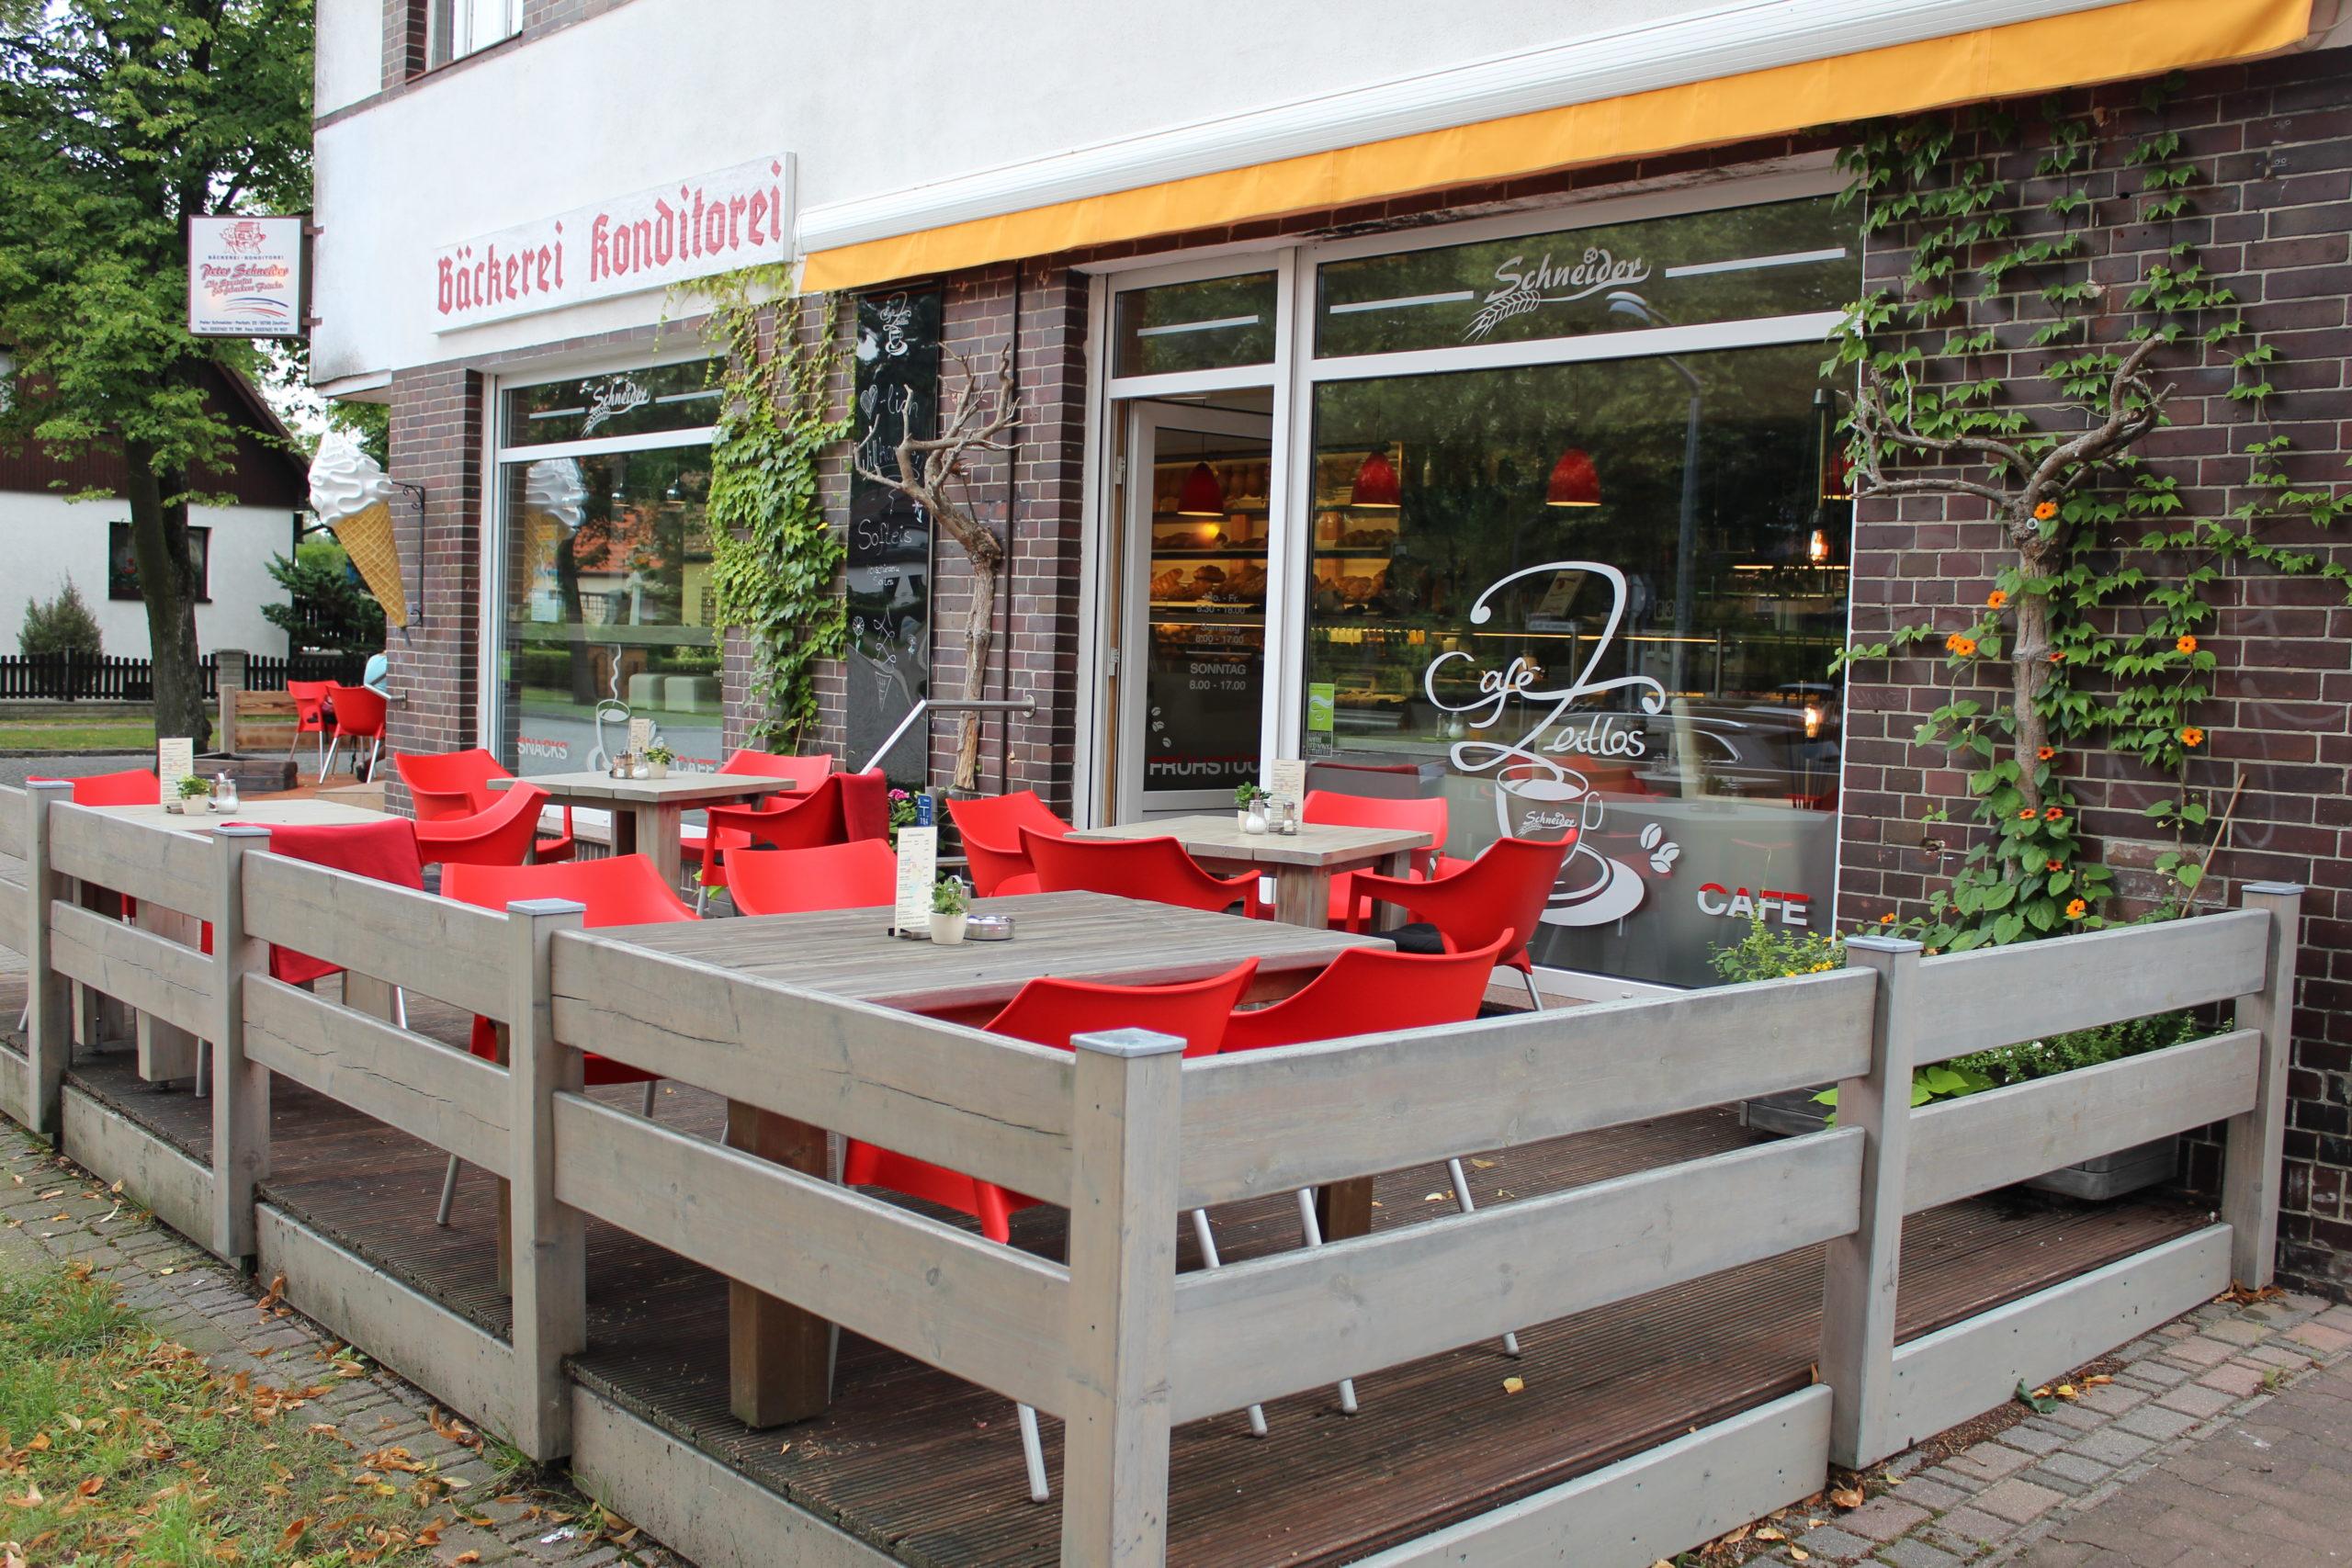 Café Zeitlos und Bäckerei Schneider in Eichwalde